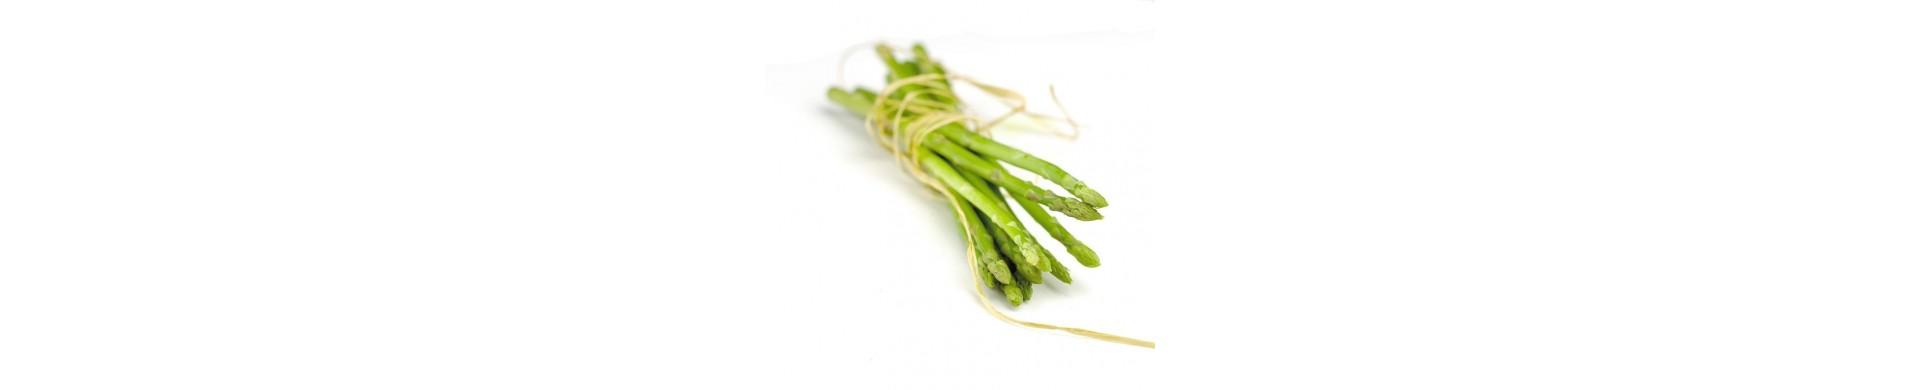 Plantar esparragos - Comprar plantas de esparragos